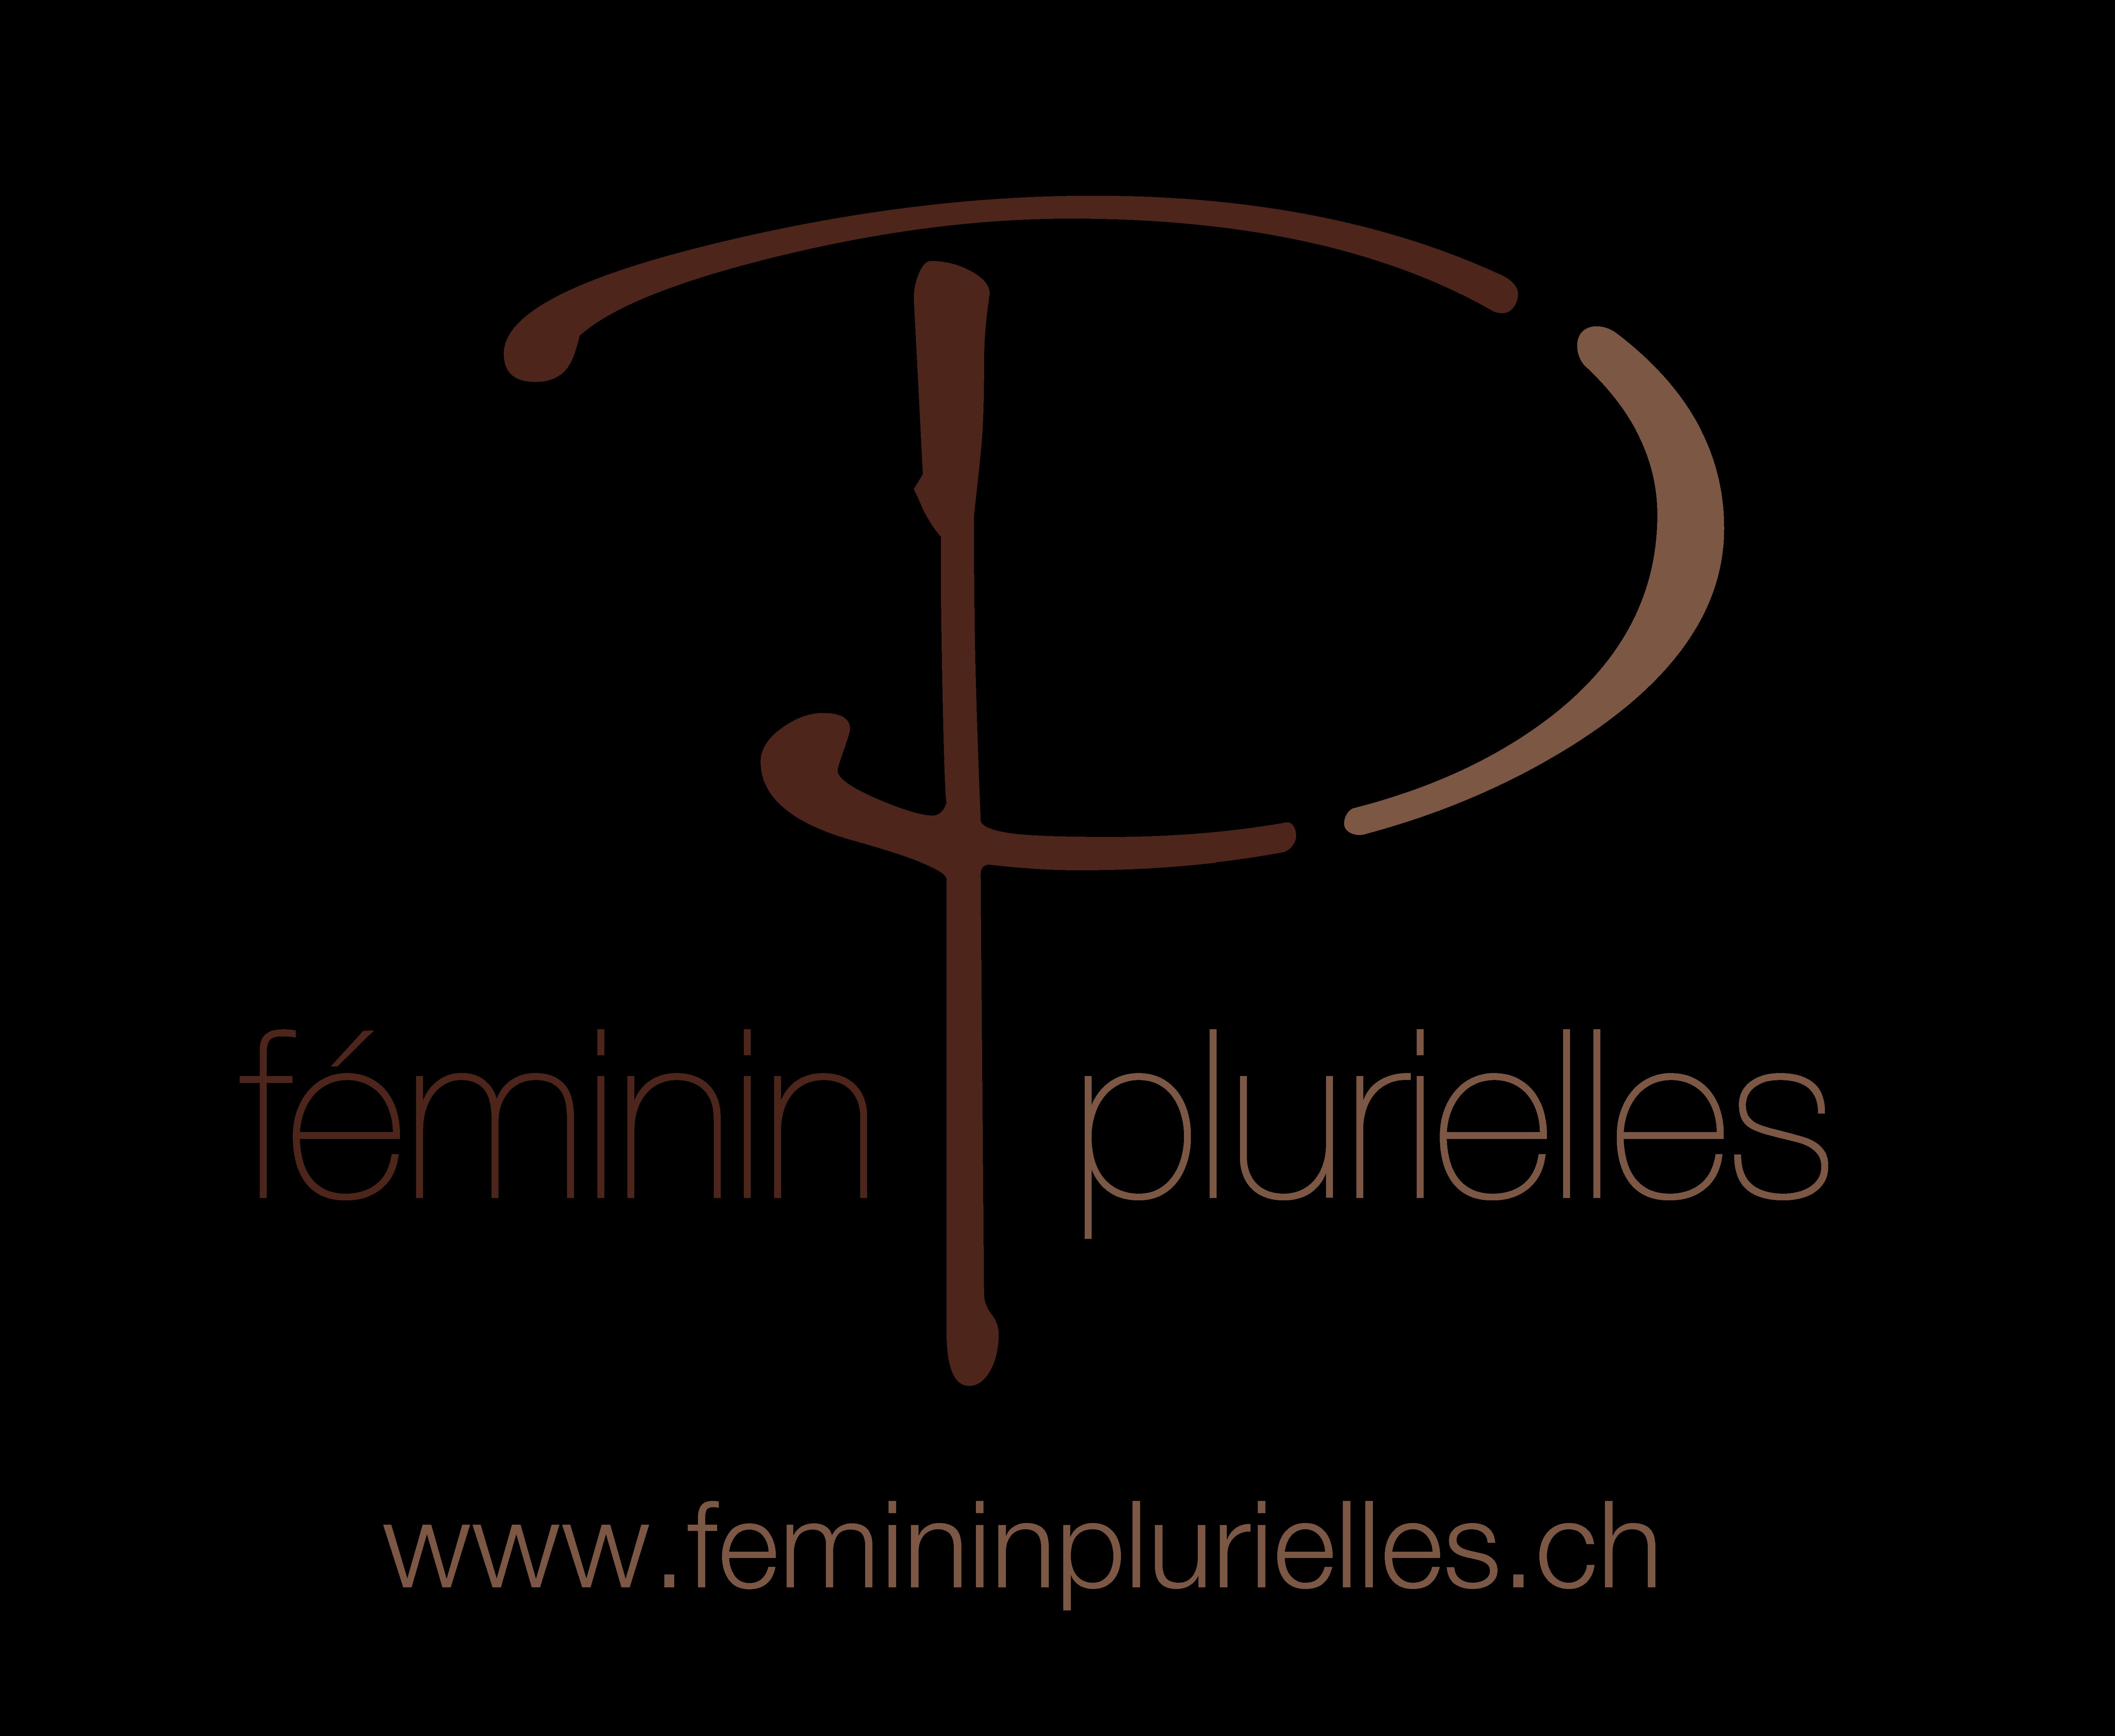 vêtements maternité feminin plurielles